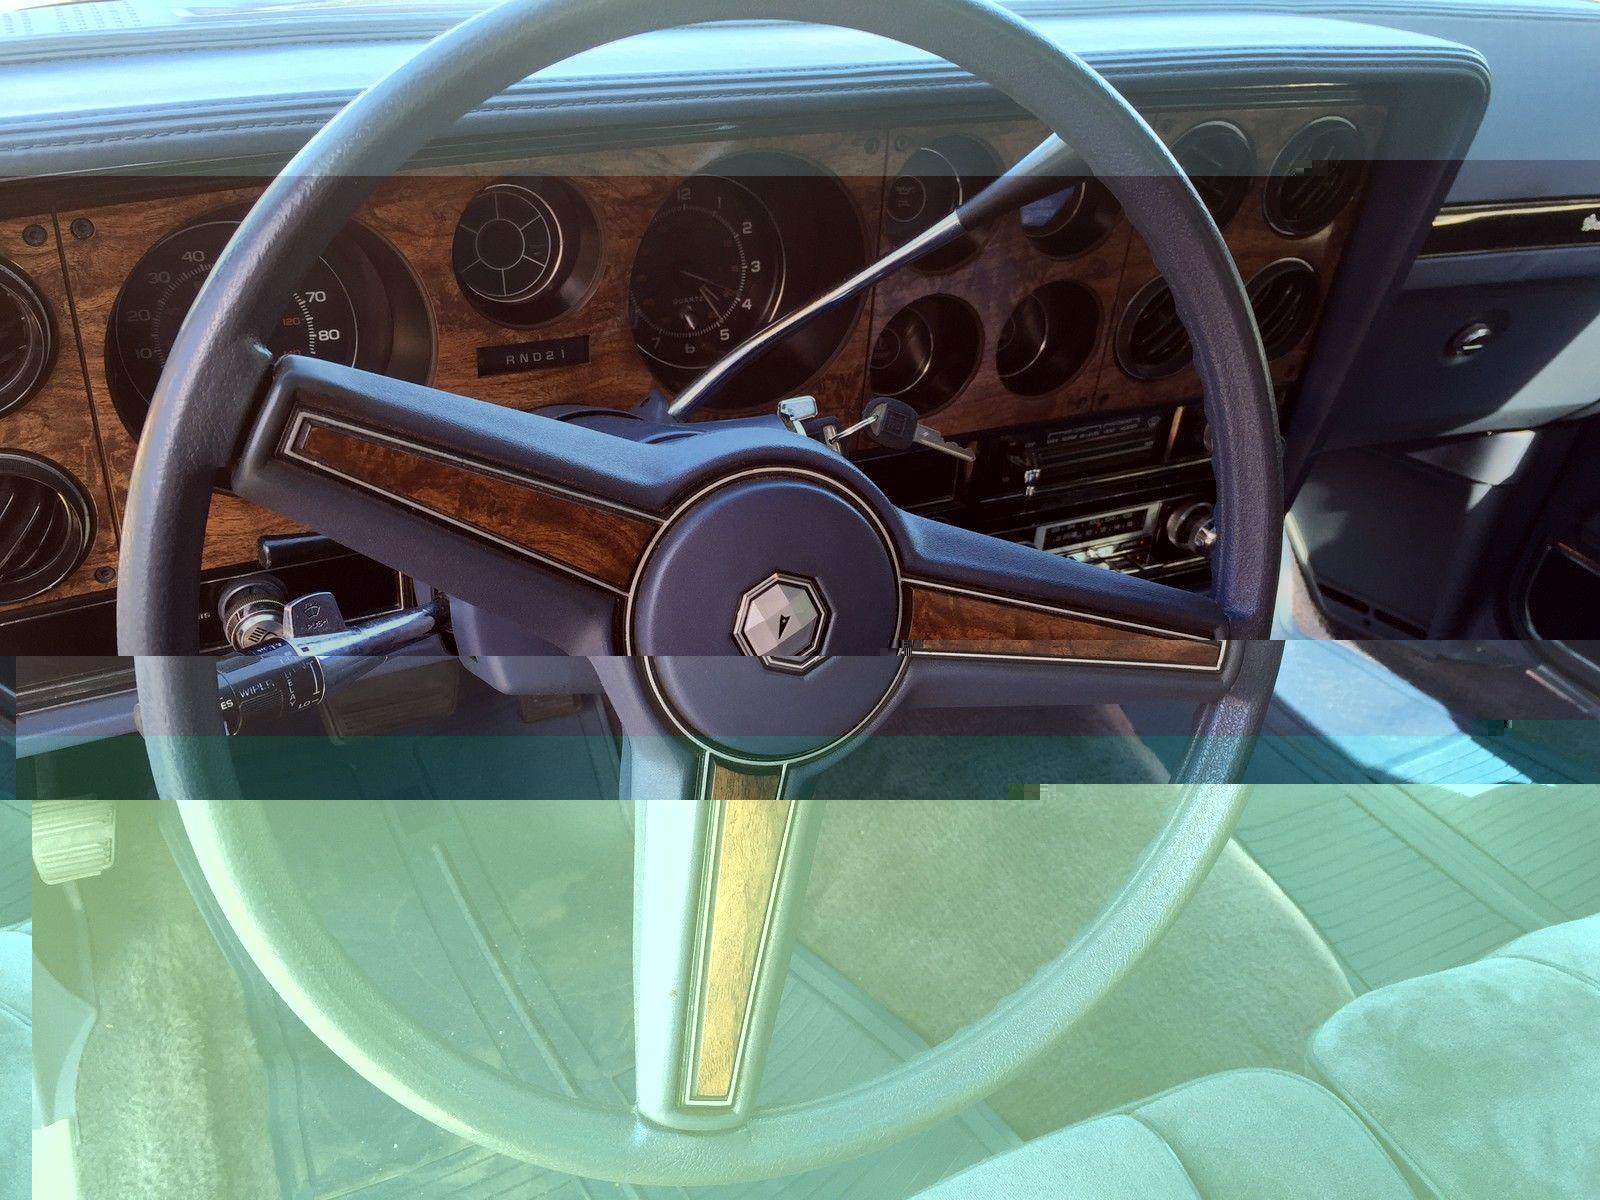 305 V8 1983 Pontiac GP LJ Classic Pontiac Grand Prix 1983 for sale #2BA08D